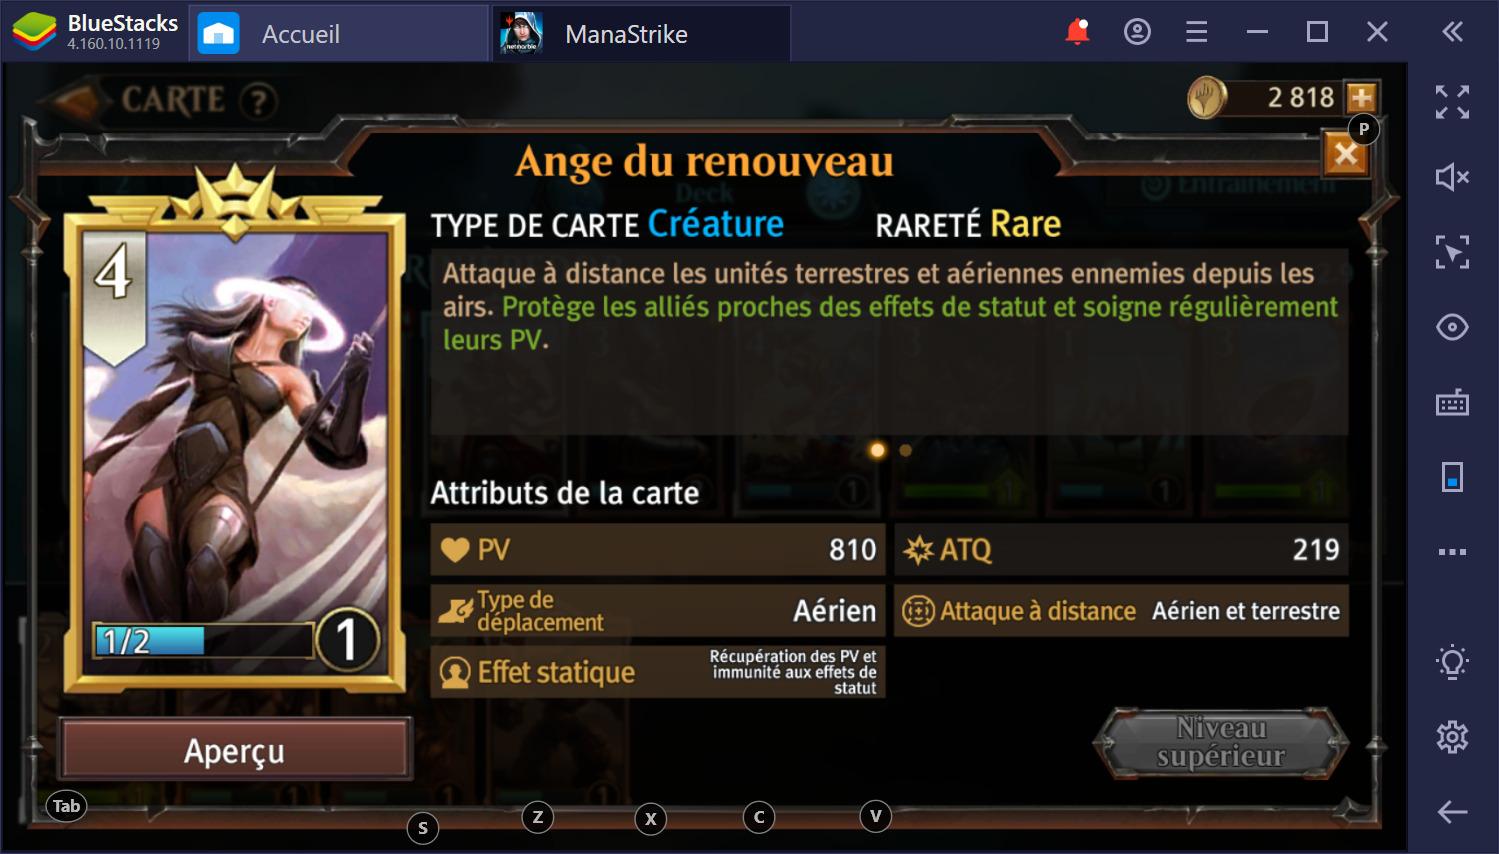 Comment monter rapidement dans le classement de Magic : ManaStrike sur PC